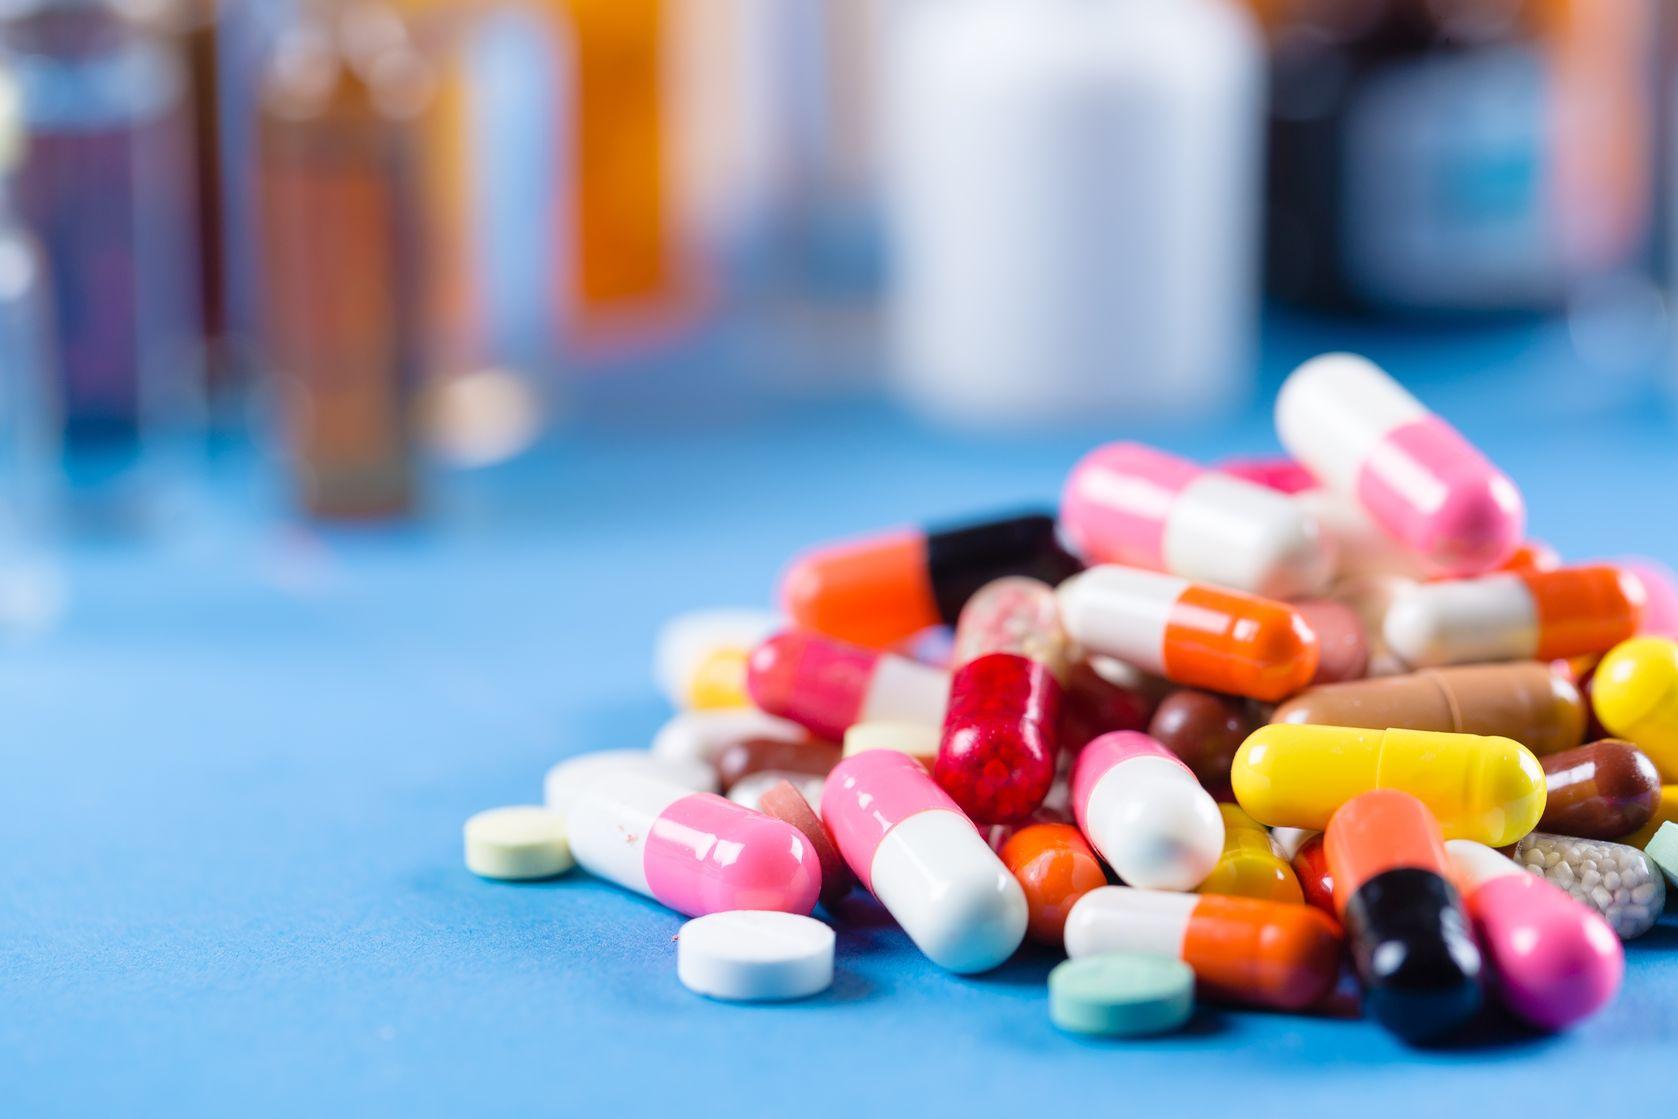 Medicamente fără rețetă